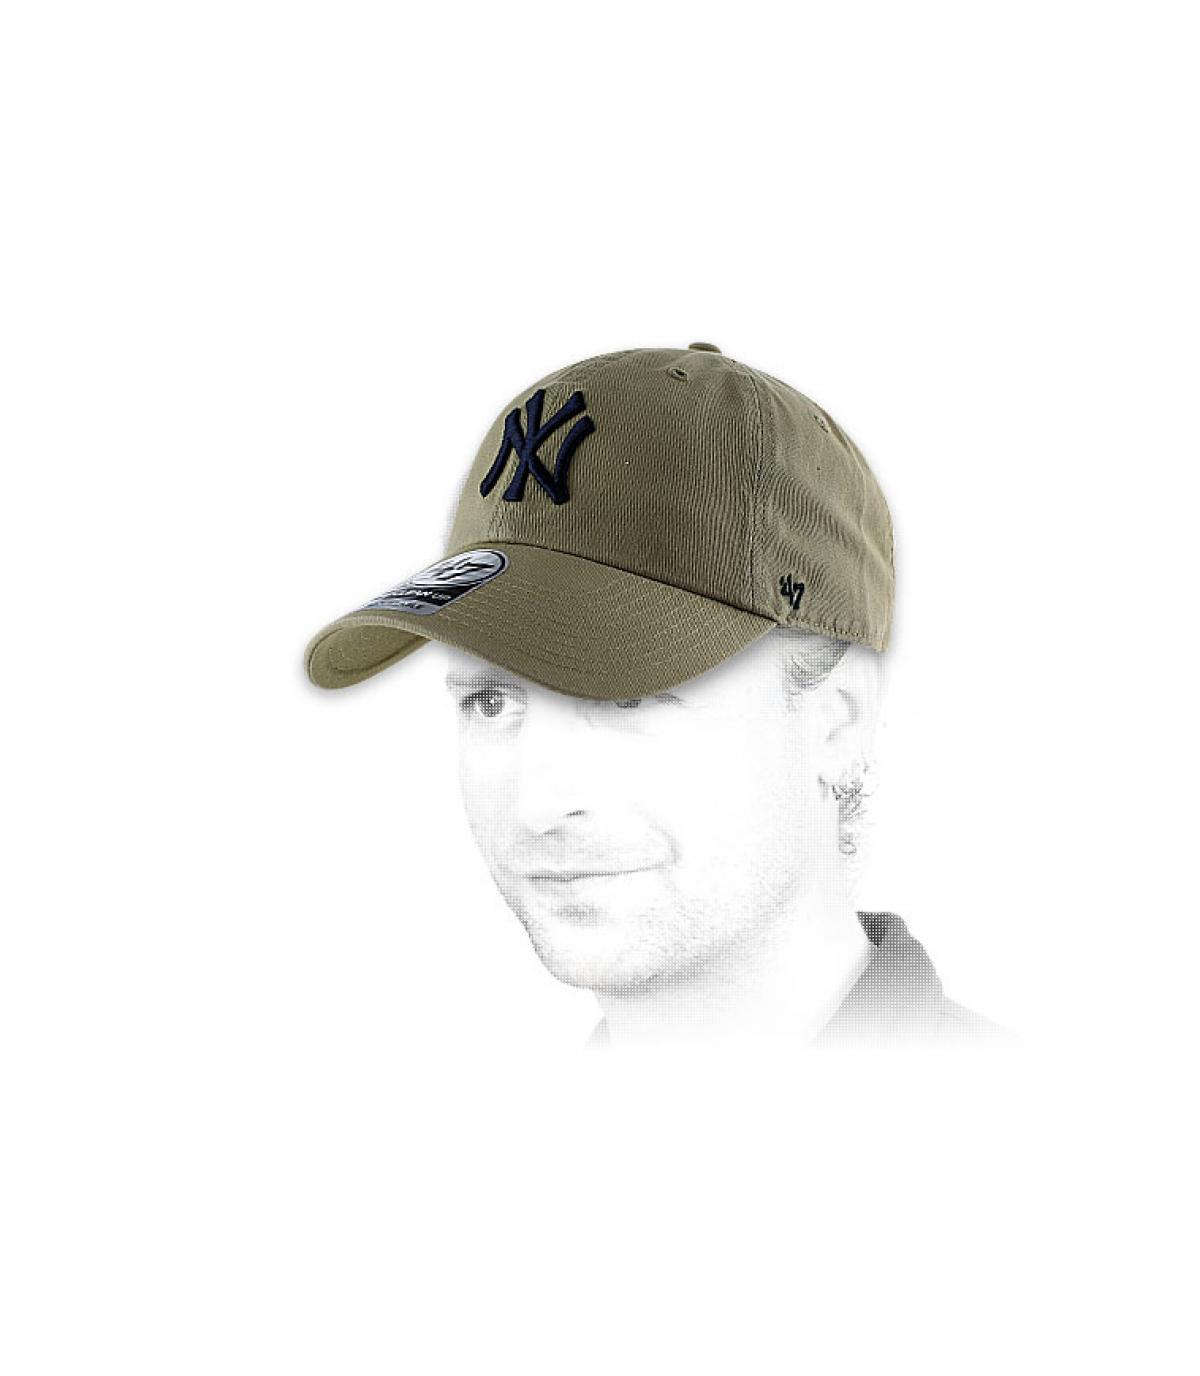 Détails Clean up NY khaki - image 2